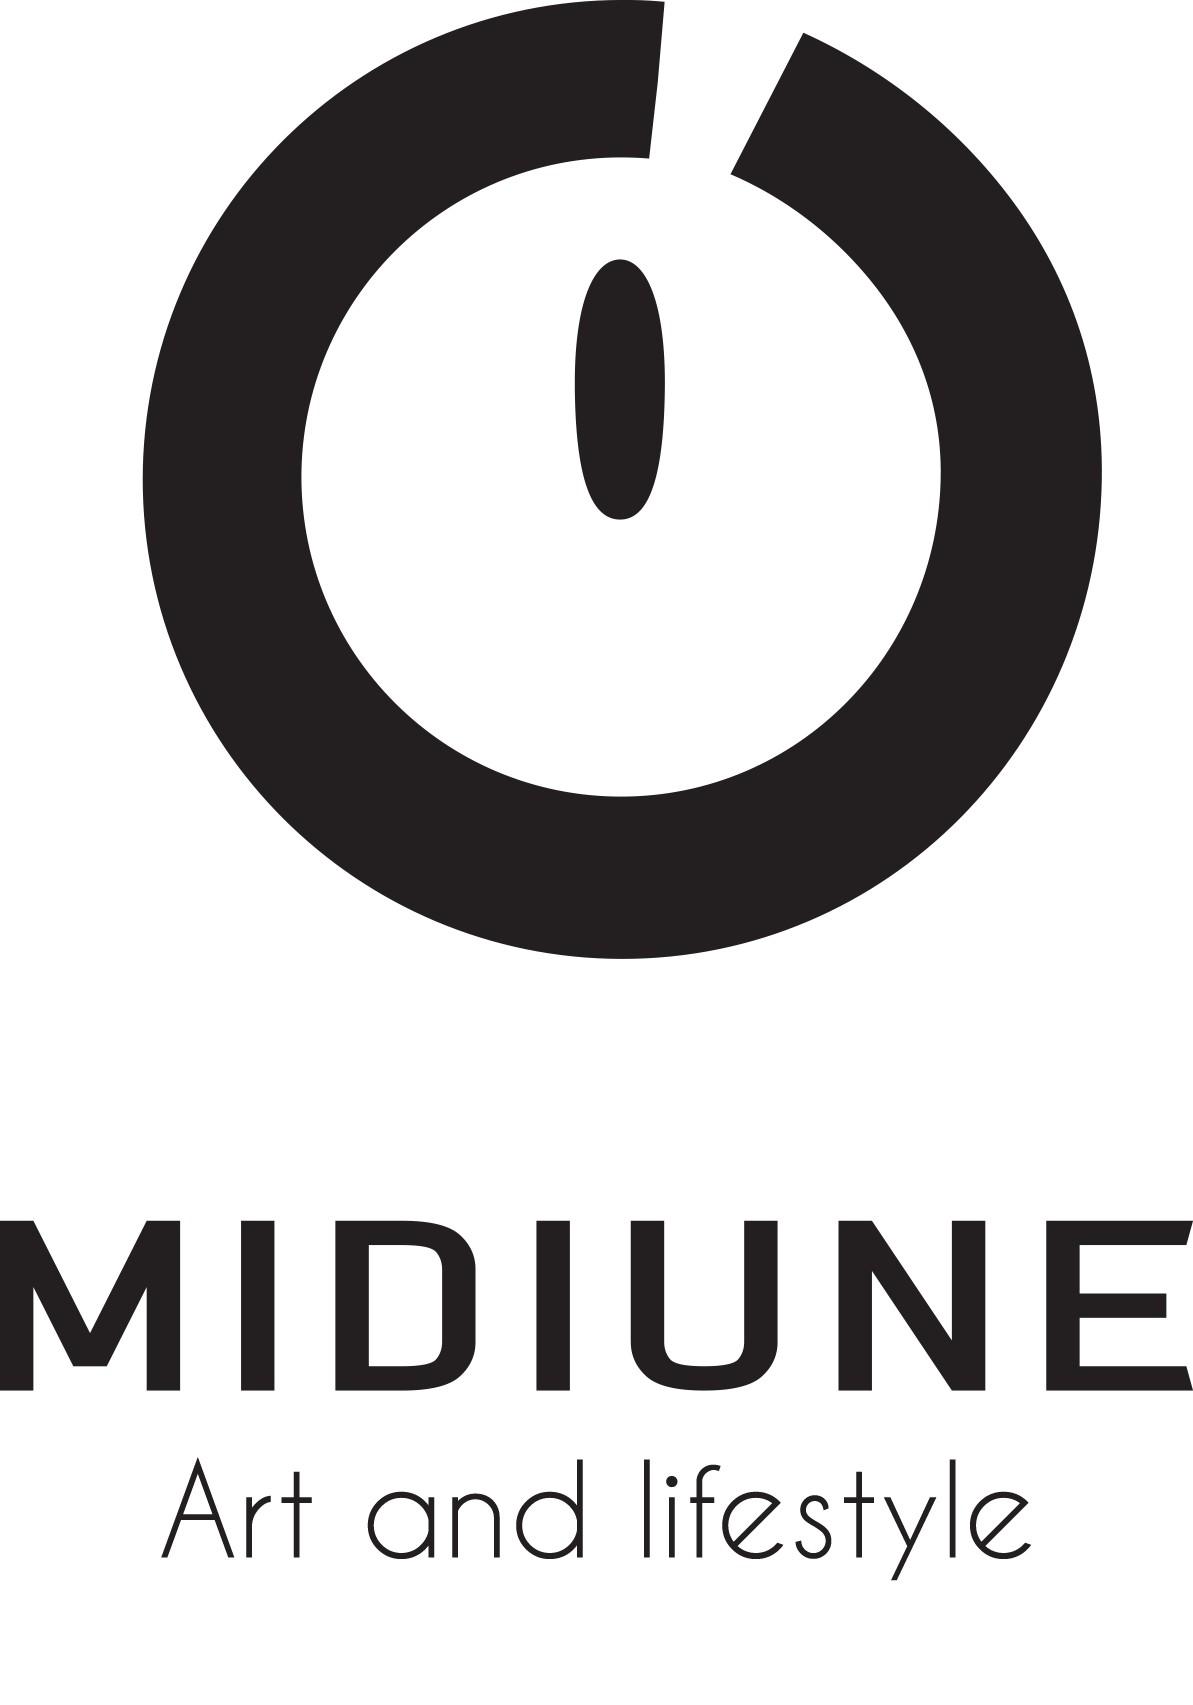 Midiune - Home & lifestyle